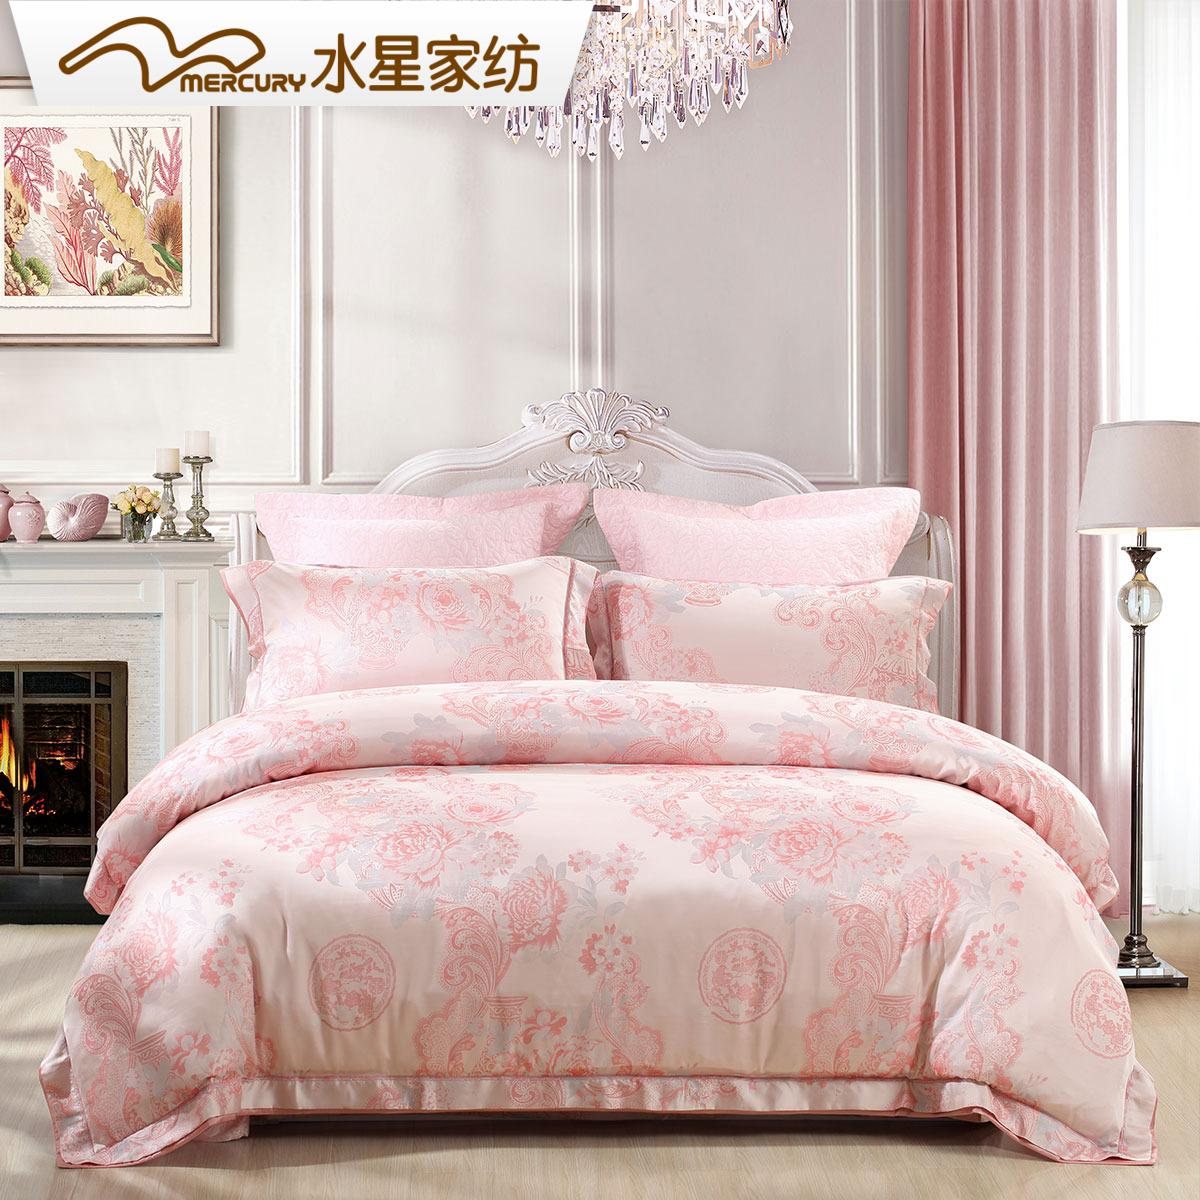 水星家紡 歐式提花四件套夢香緣雙人大床被套1.8米床上用品AT1351